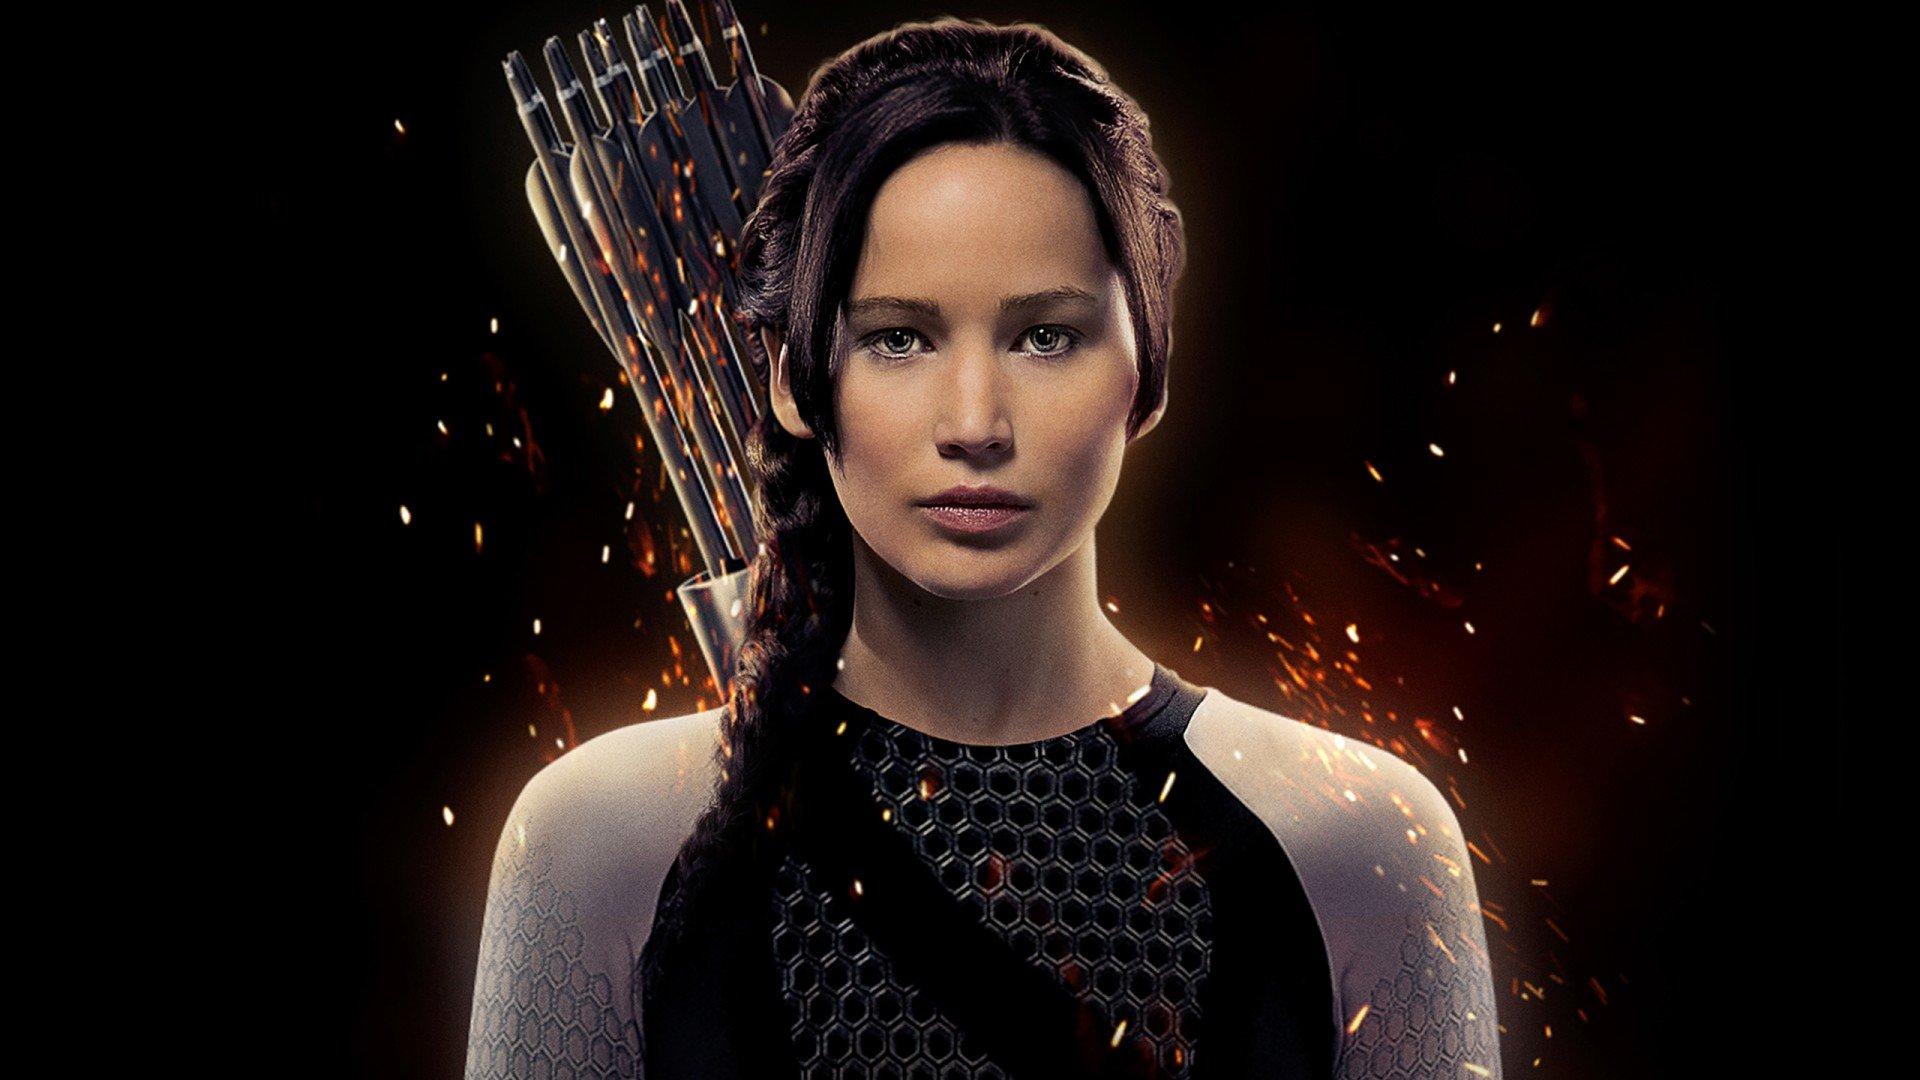 Jennifer Lawrence as Katniss Everdeen Hunger Games Wallpaper 1920x1080